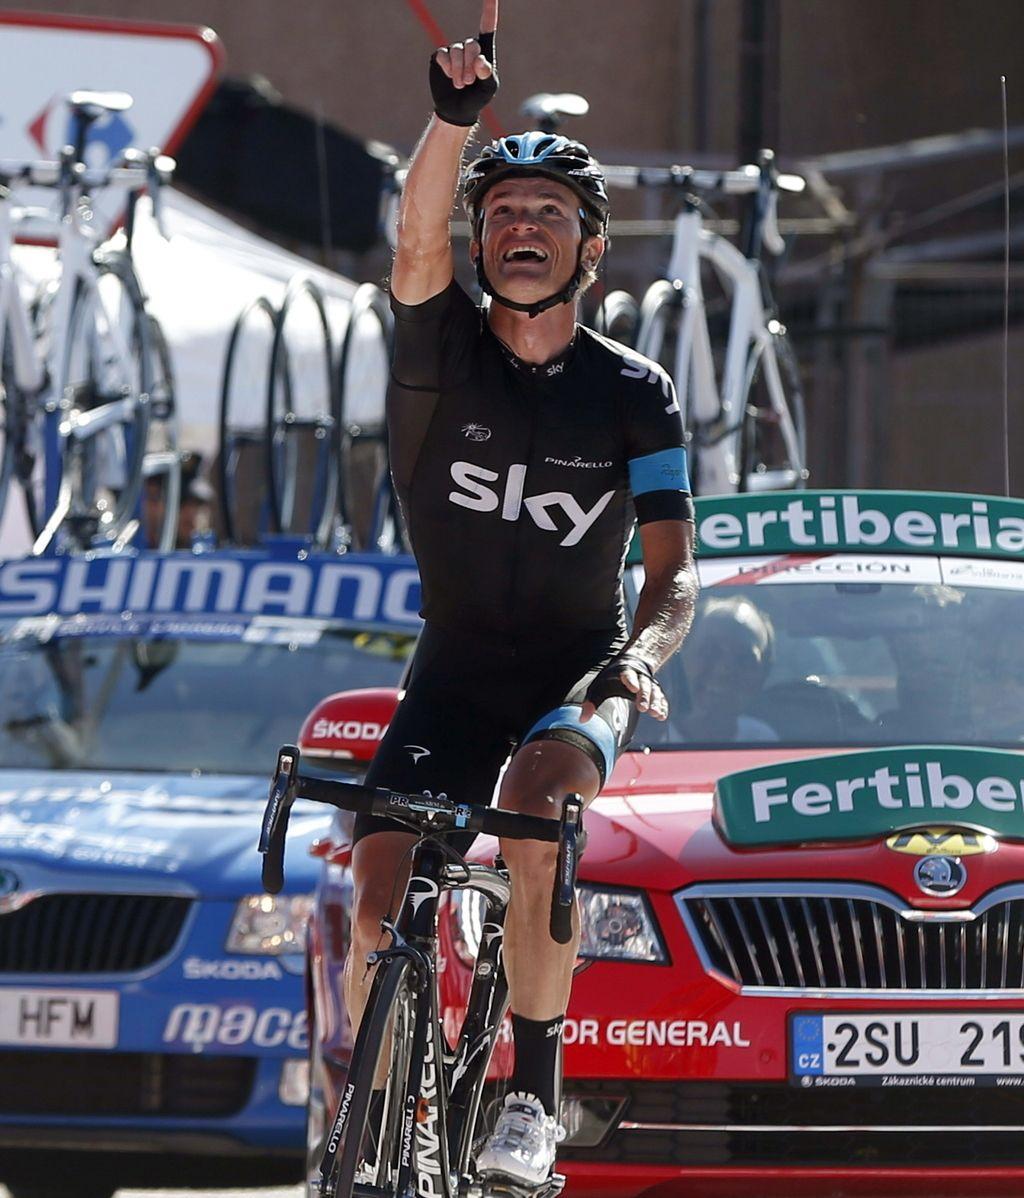 El bielorruso Vasil Kiryienka (Sky) se impuso en solitario la decimoctava etapa de la Vuelta disputada entre Burgos y Peña Cabarga